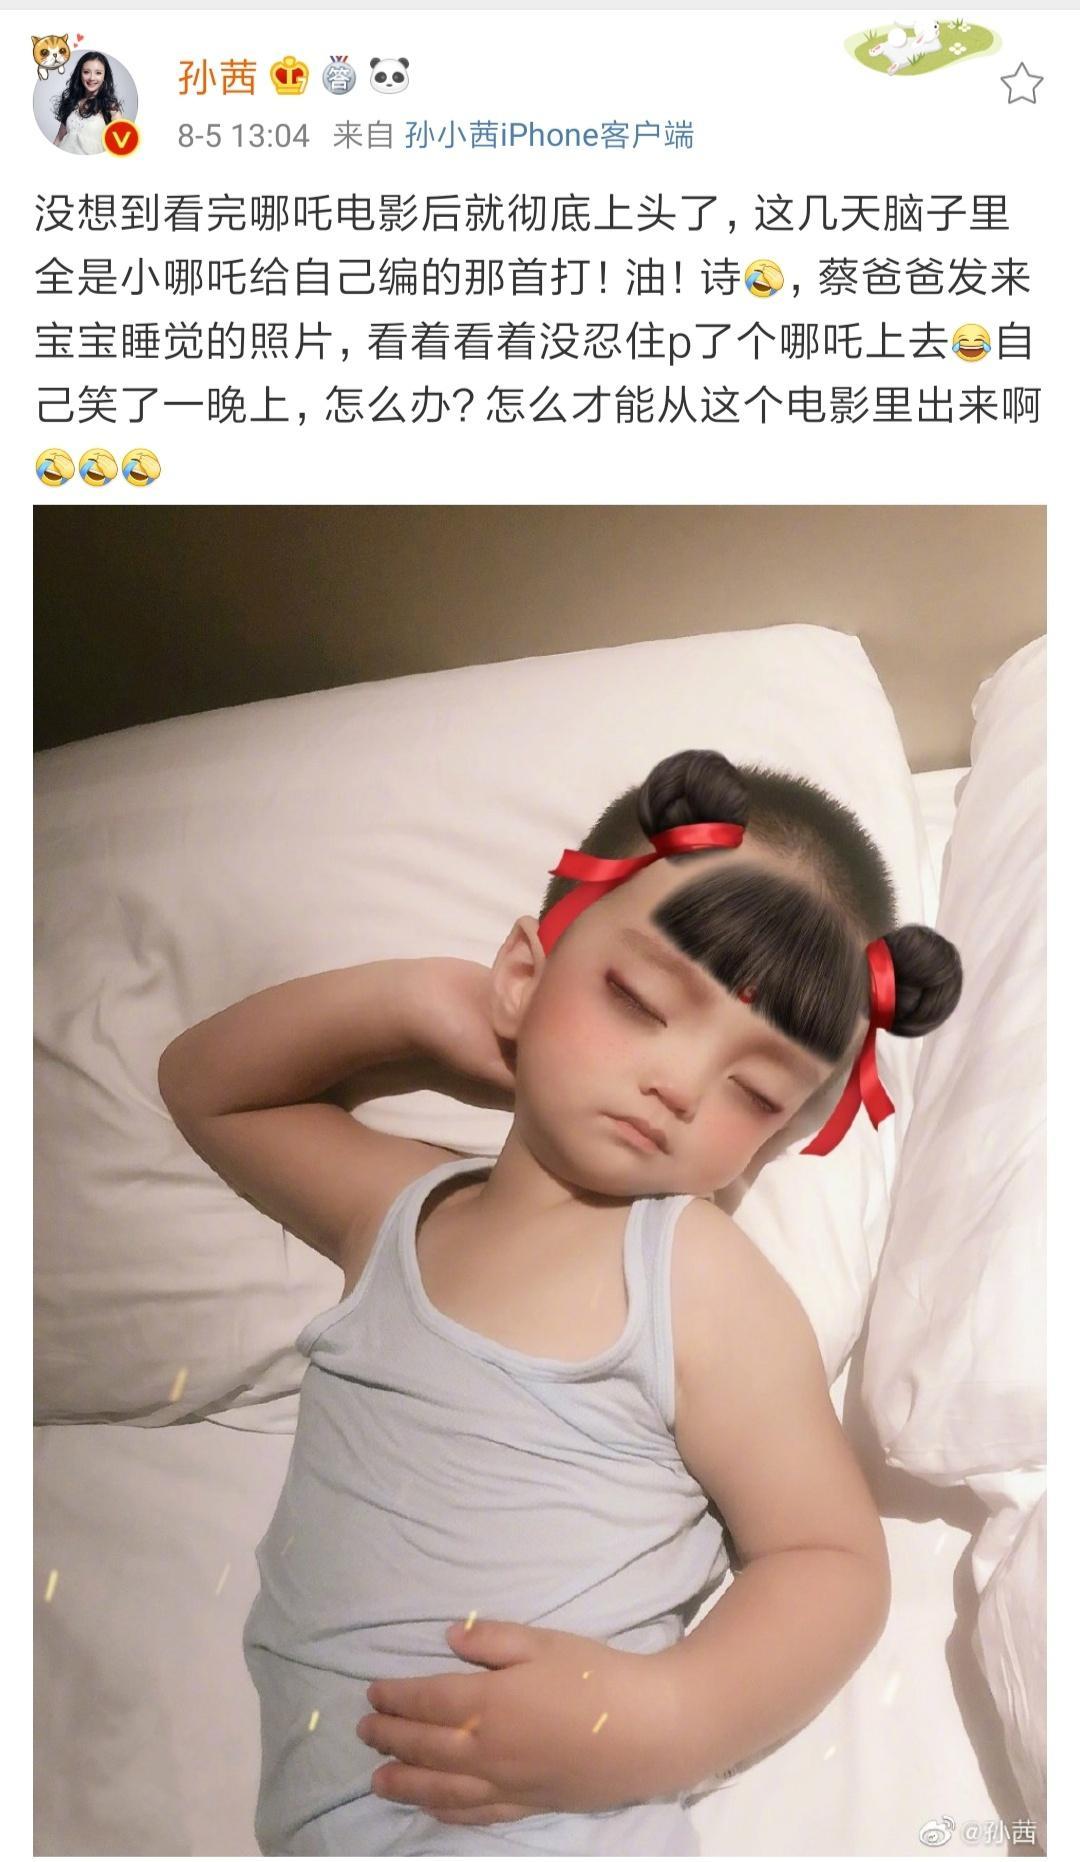 孙茜晒宝宝睡觉照 看完电影把爱子P成哪吒